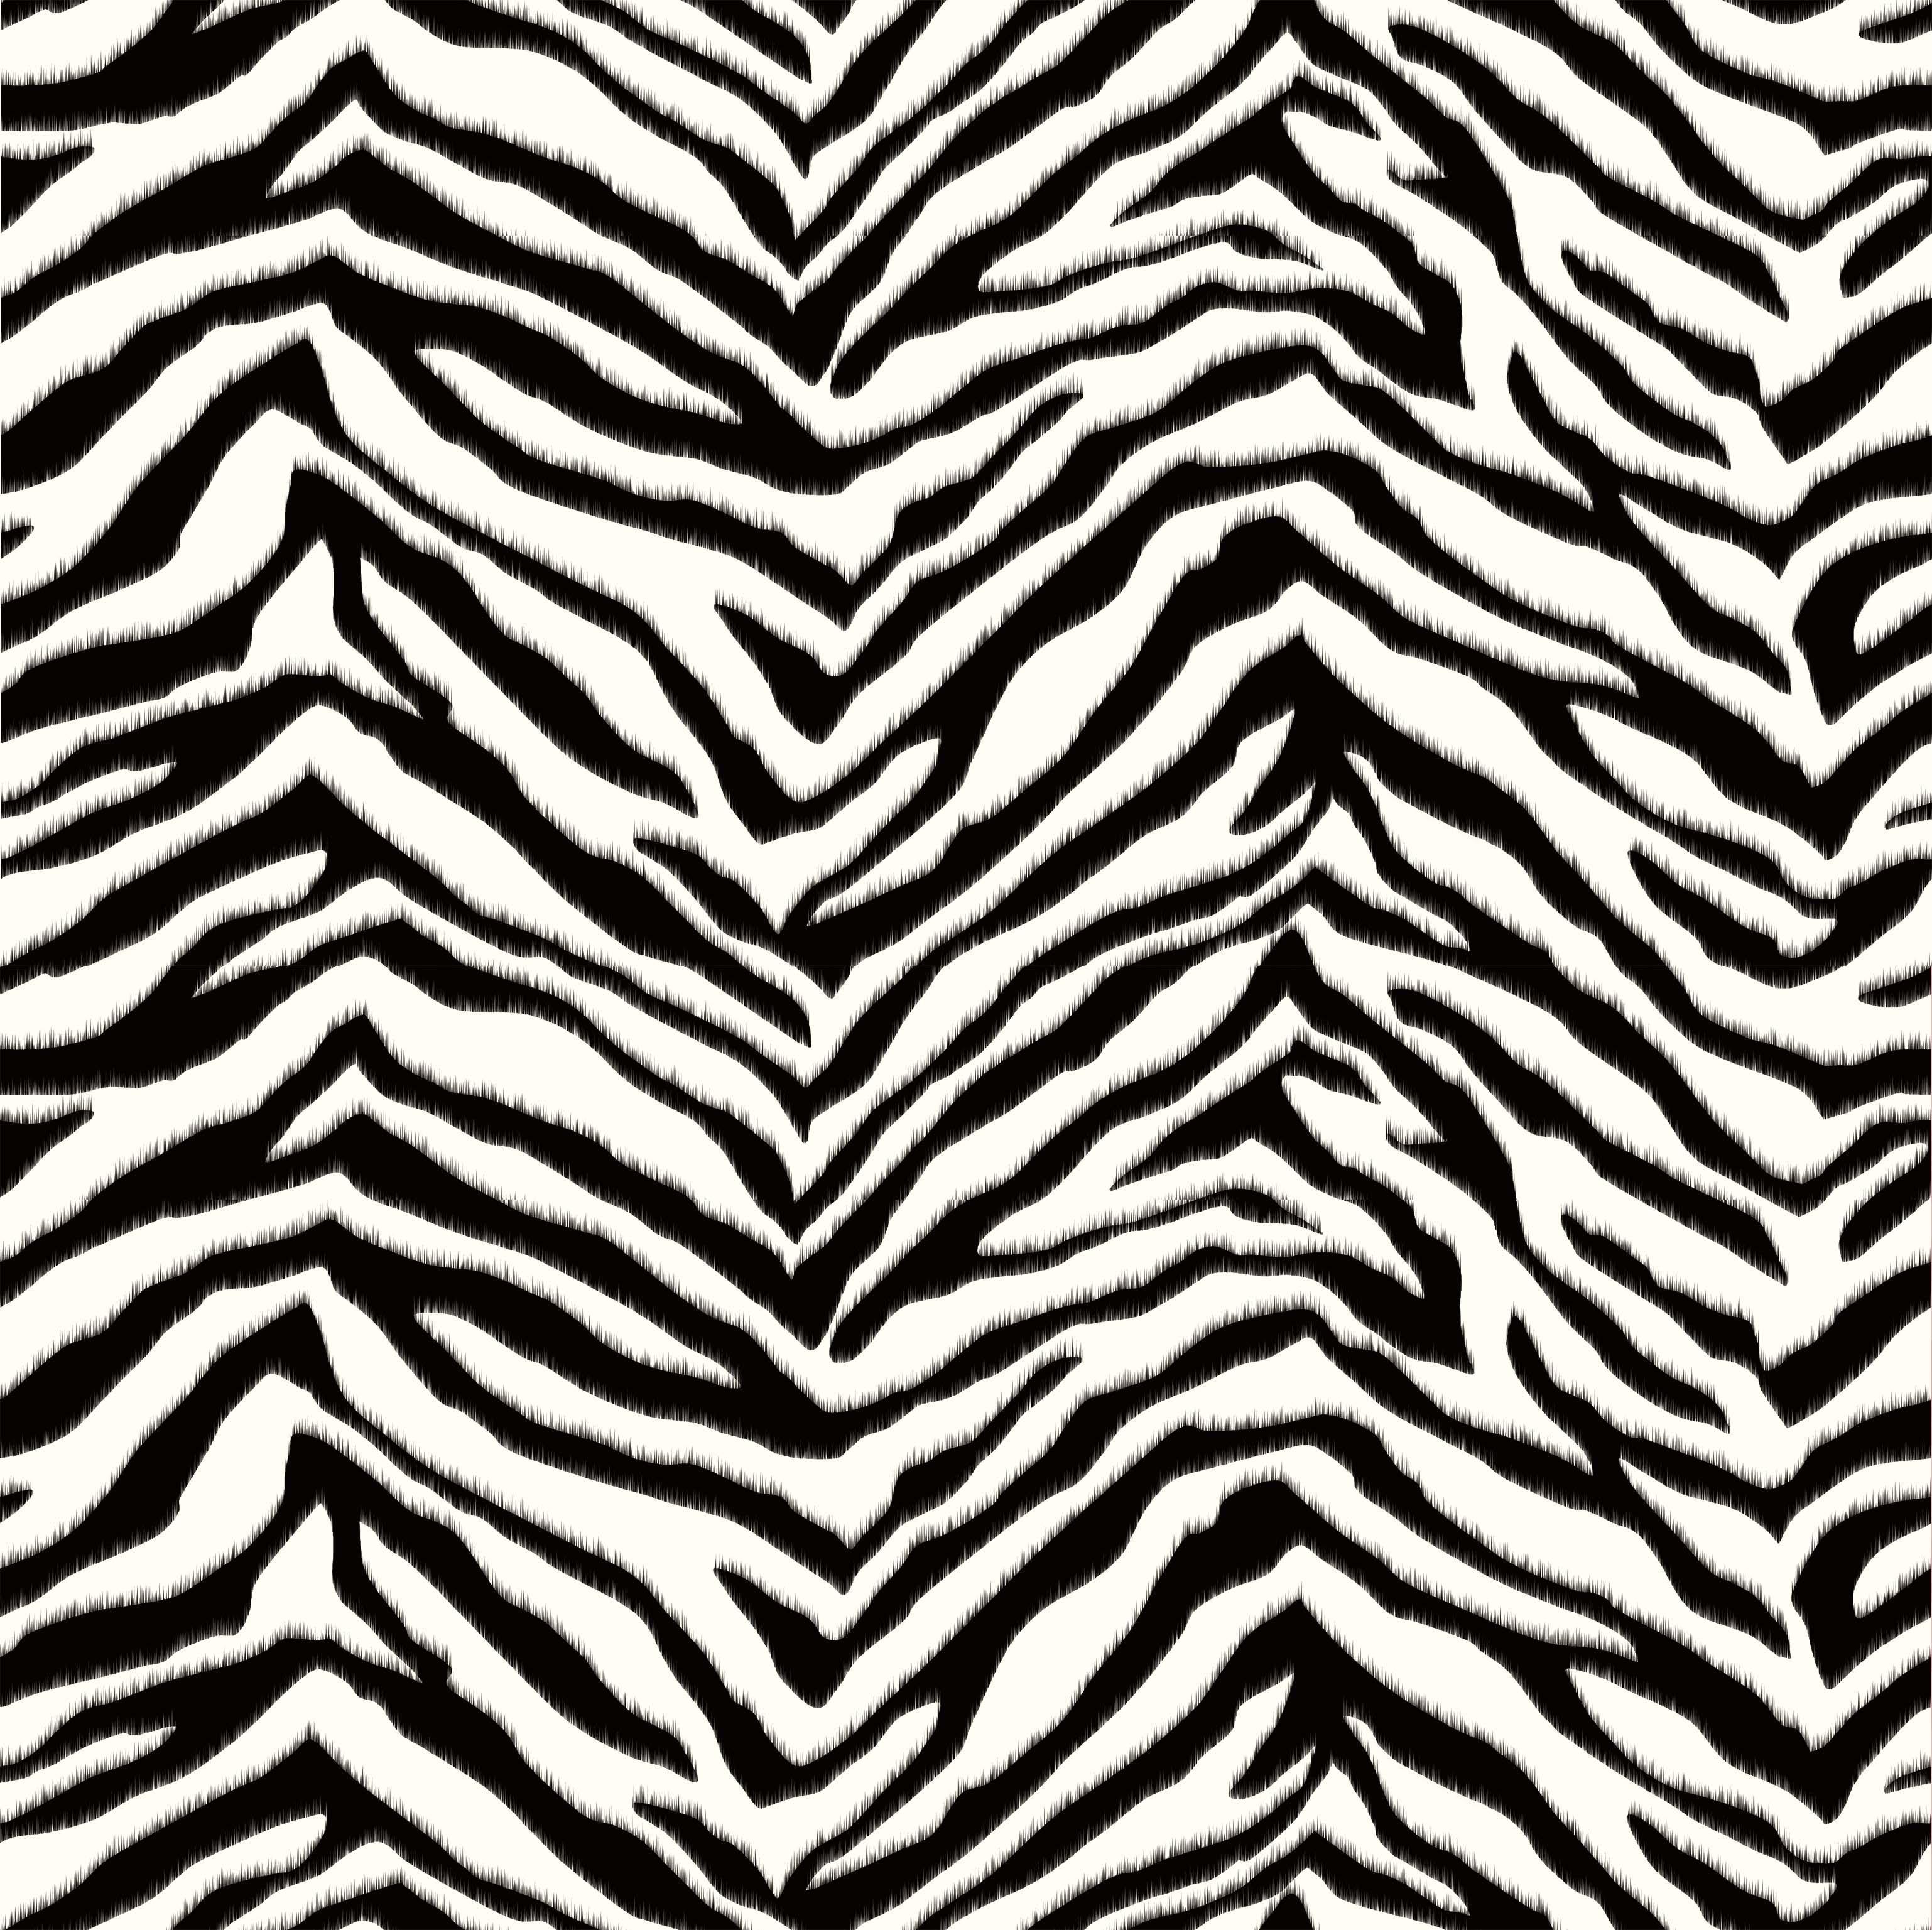 Alice Black Faux Zebra Stripes Wallpaper Brewster Wallcovering